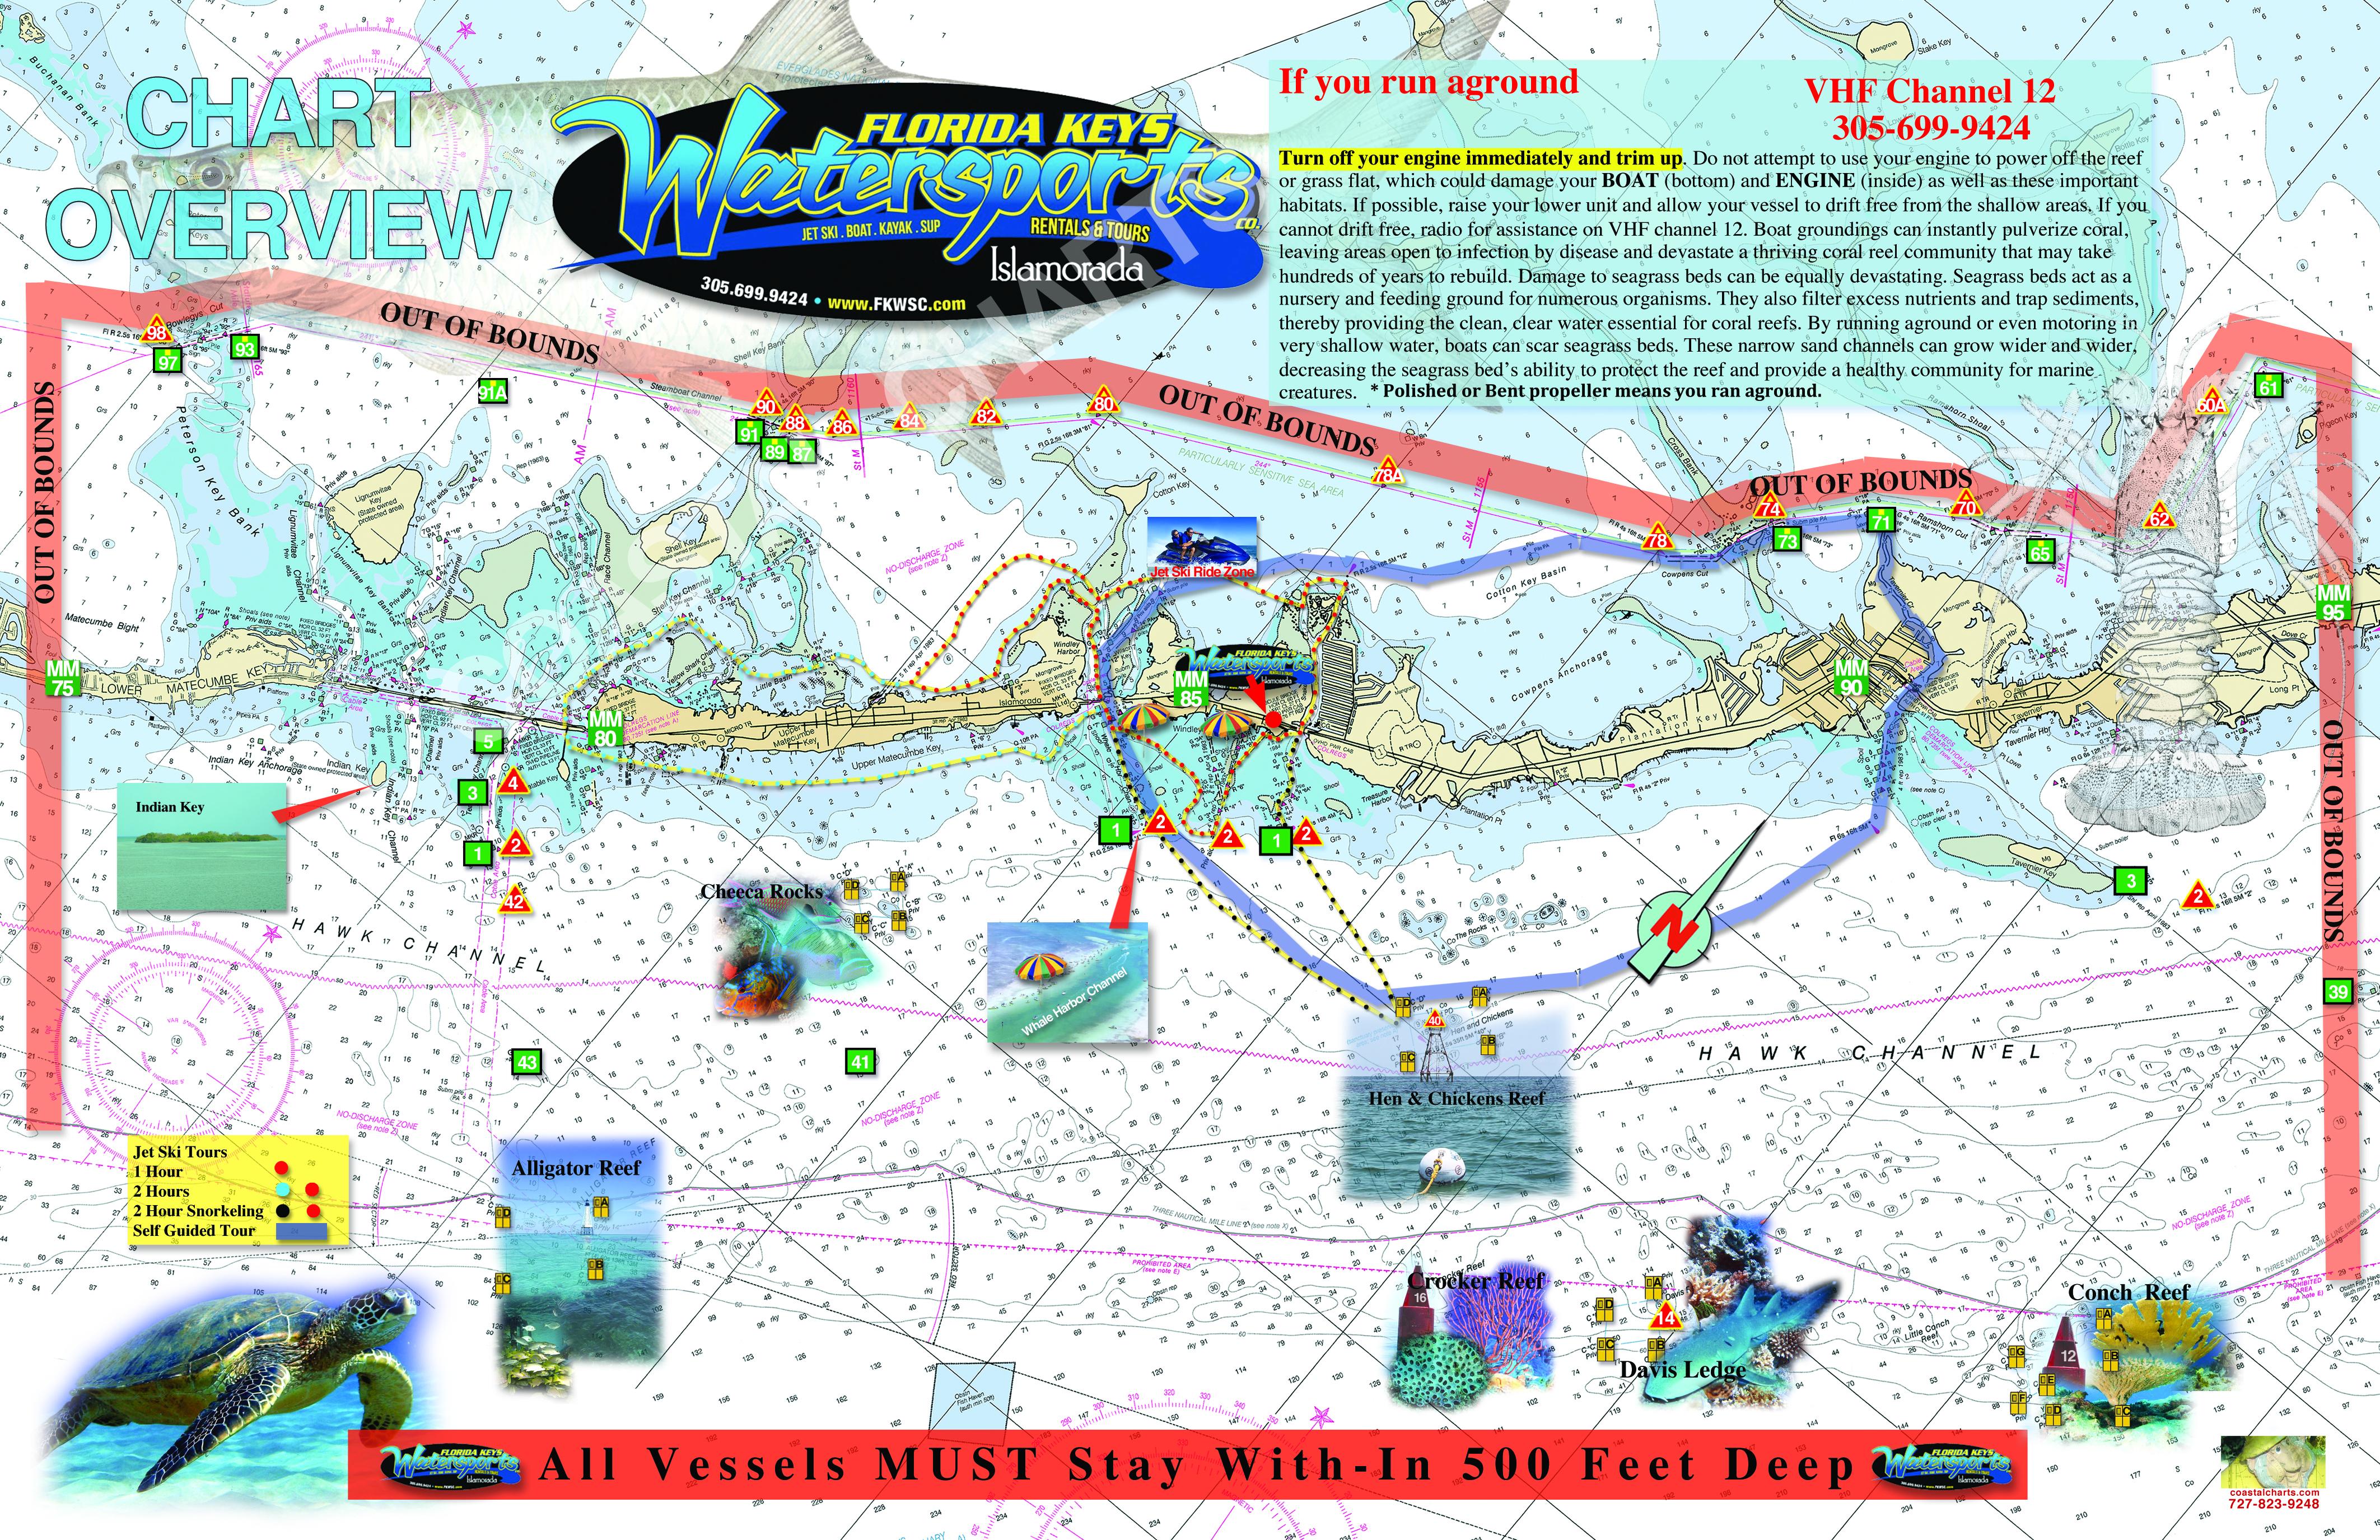 IslaMorada JetSki And Boat Rentals Florida Keys Water Sports - Fl map keys